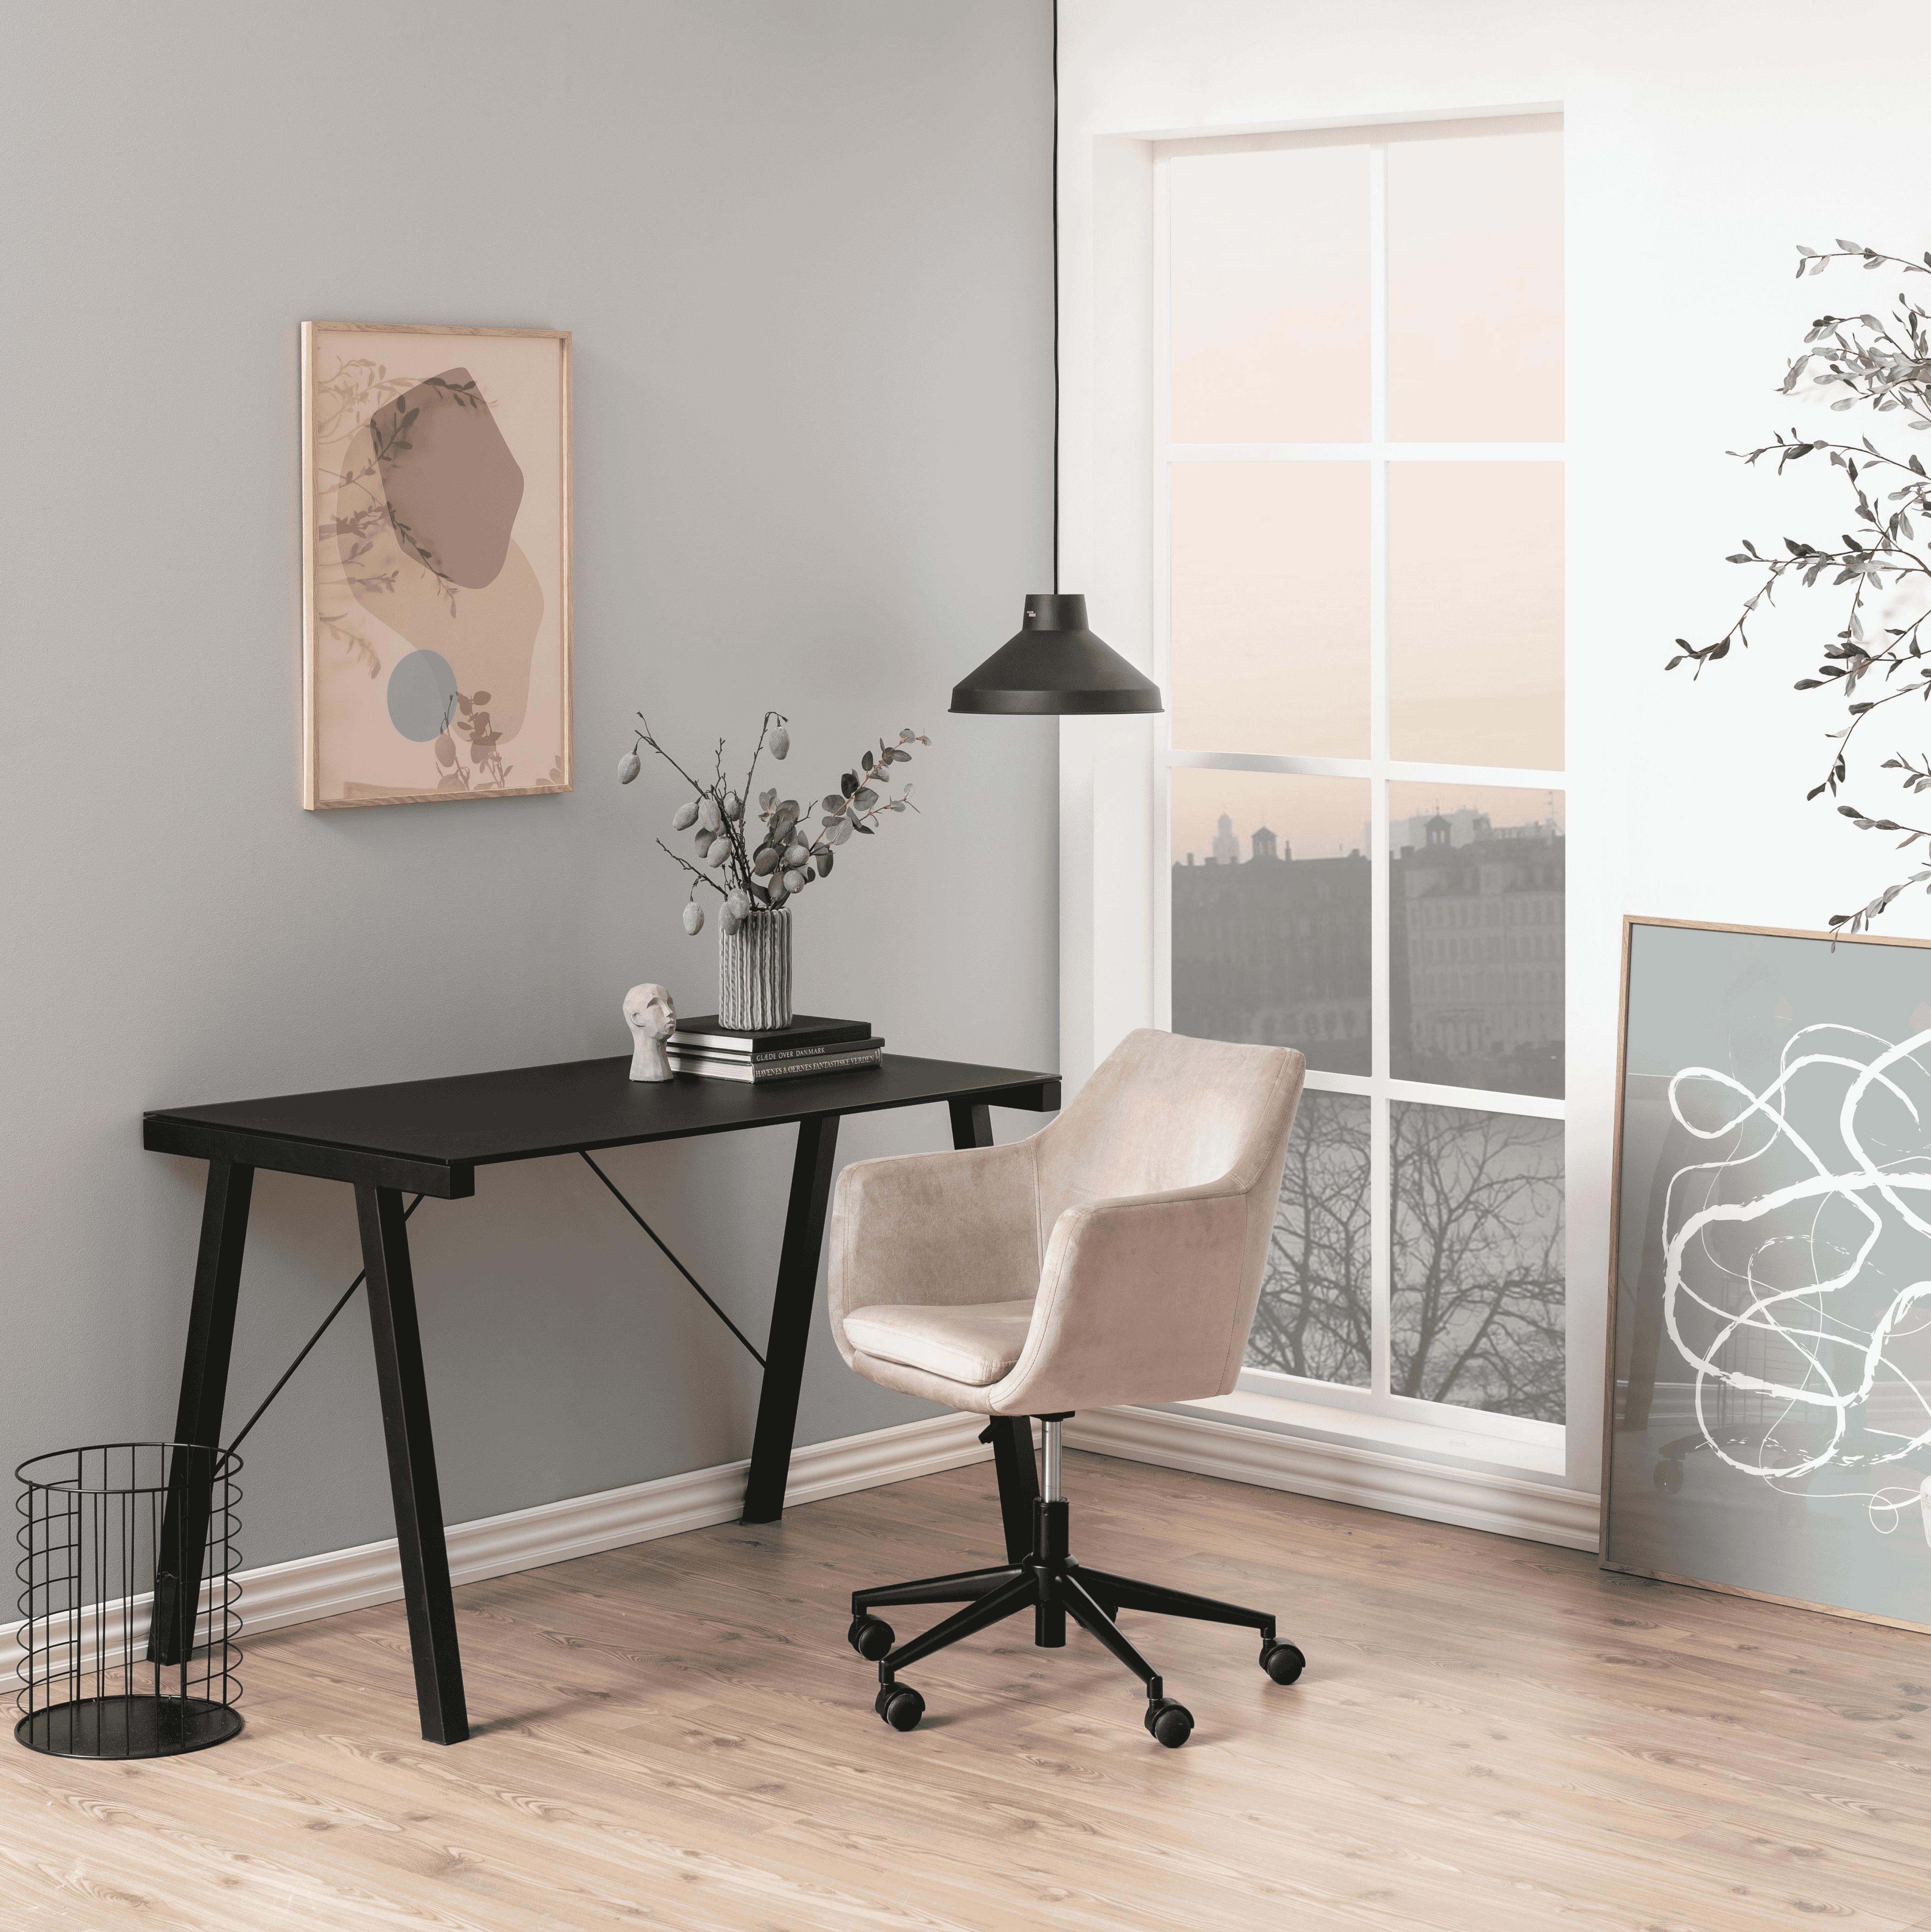 Bendt Bureaustoel 'Rikke' Velvet, kleur Dusty Rose   Bendt